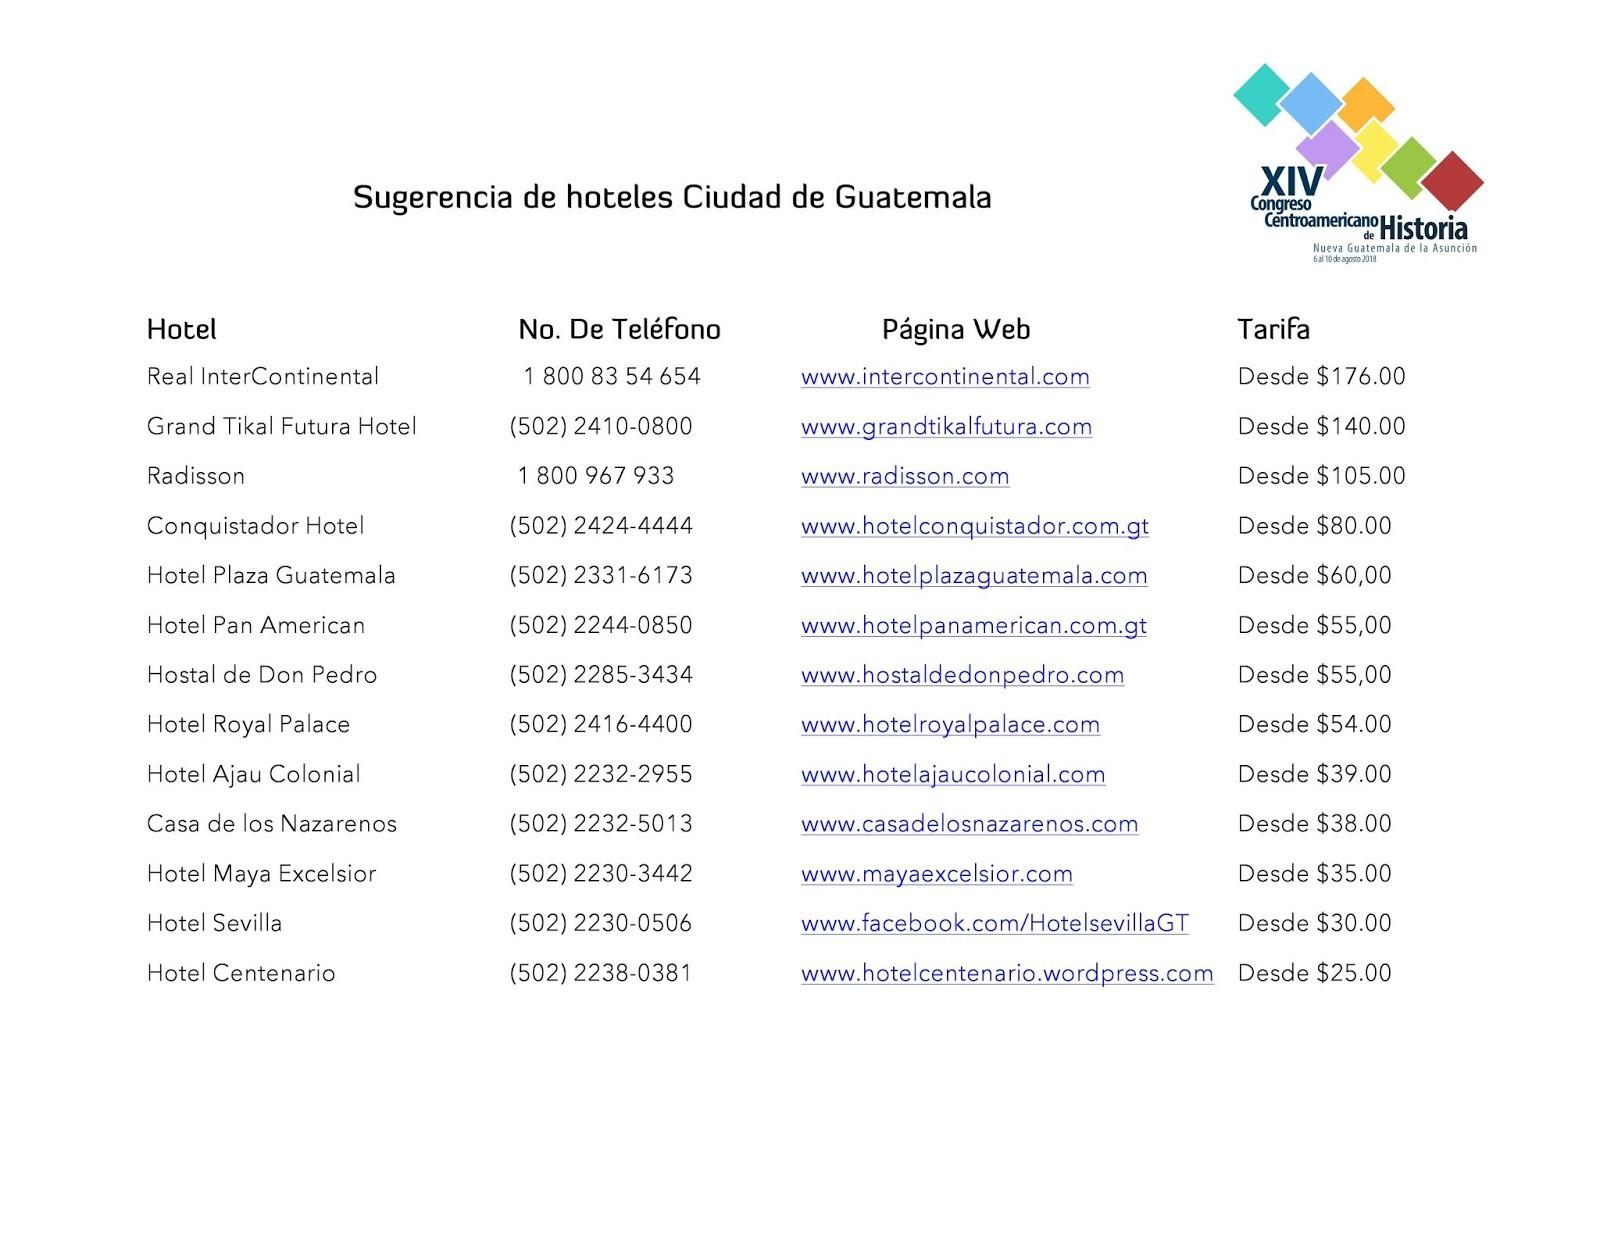 Las sedes del Congreso están todas ubicadas en un radio no mayor de 9 cuadras en la Zona 1 de la Ciudad de Guatemala Centro Hist³rico o se indica a